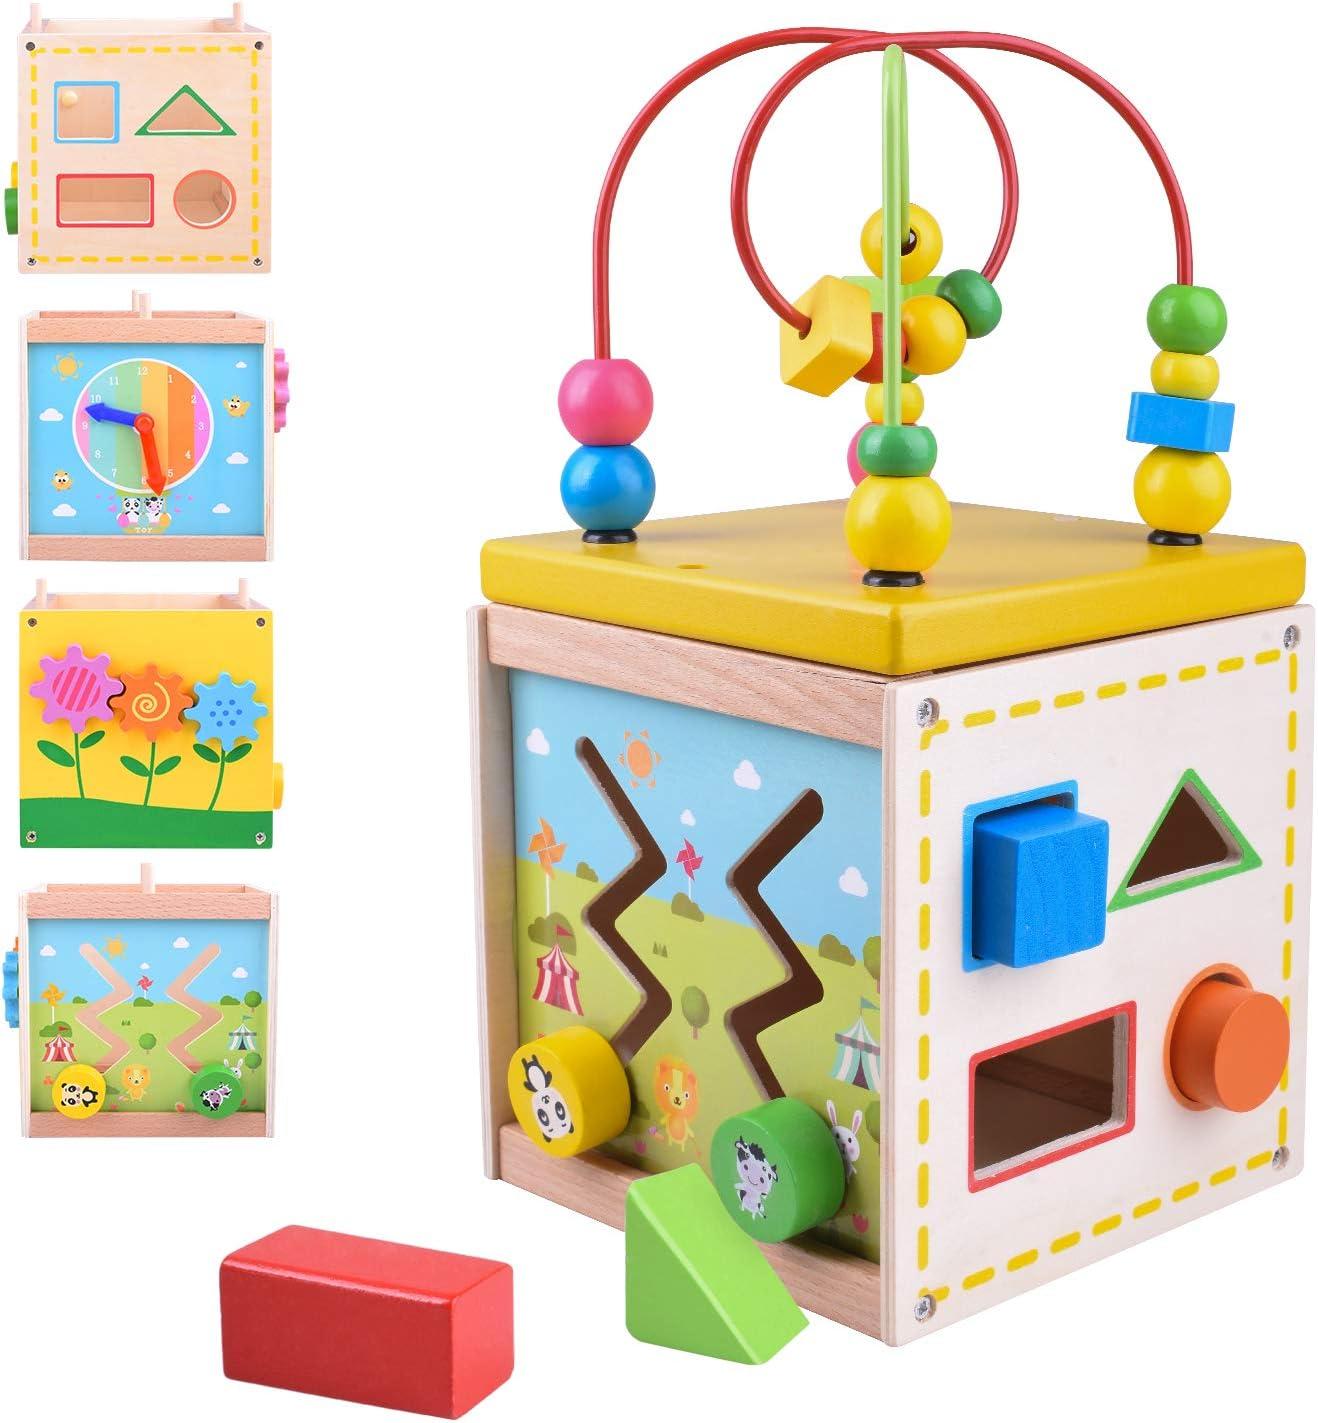 Longruner Juego de Madera de Laberinto Juguetes Bebes de Cubo Madera de Actividades Bebe para niños, Laberinto Educativo Multiusos para niños pequeños, Centro de Actividades LKD801